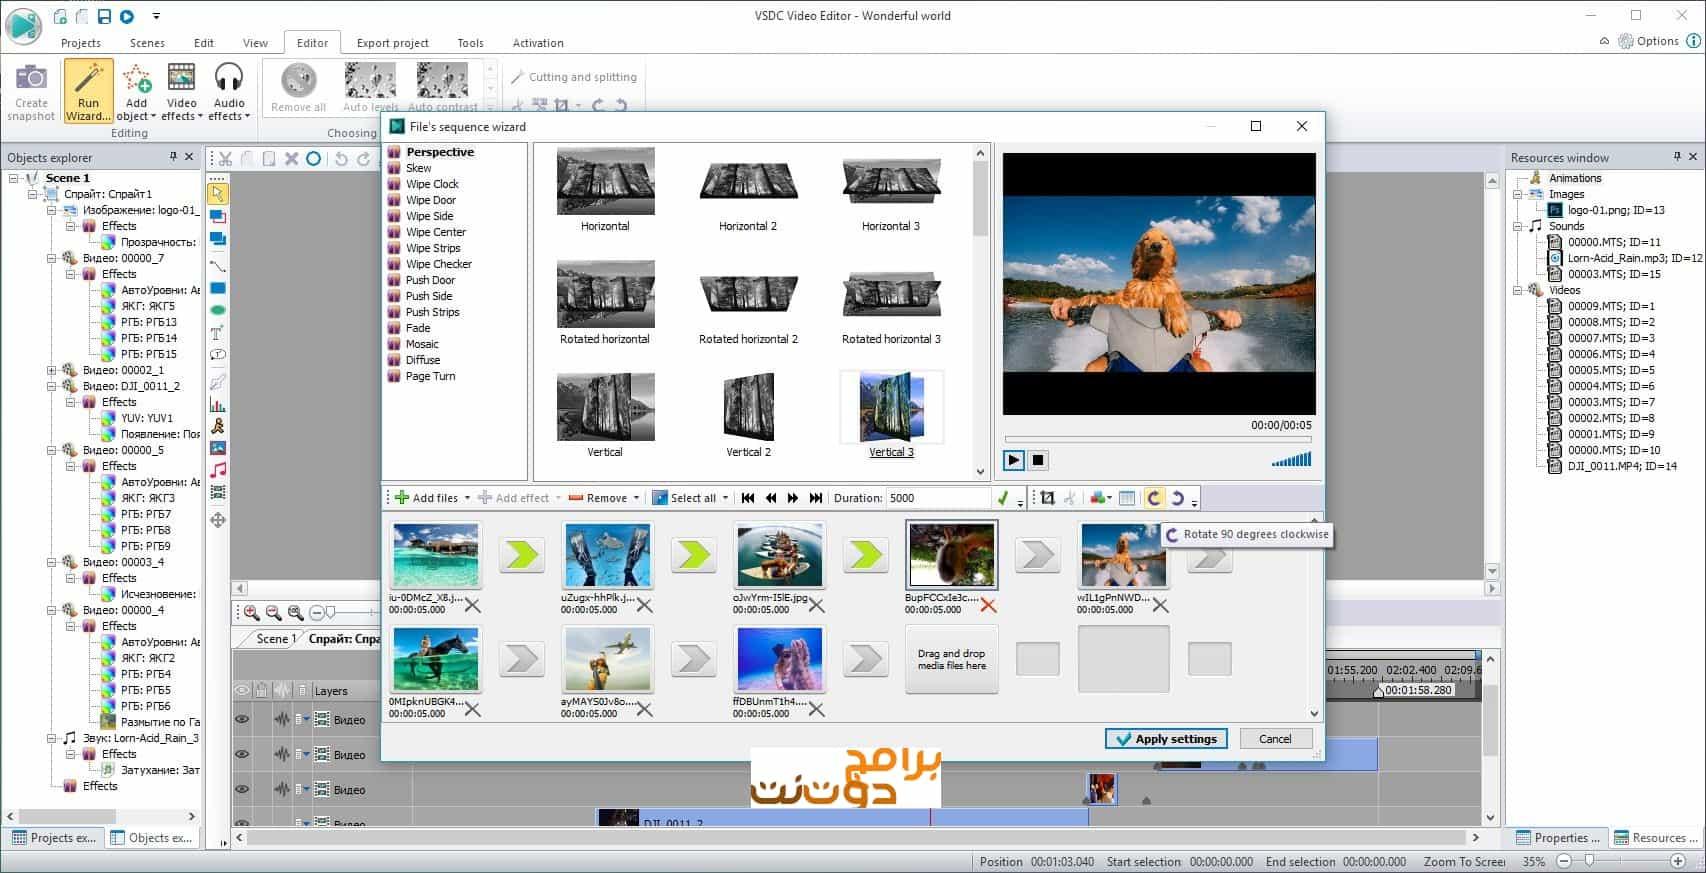 شرح برنامج VSDC Free Video Editor لتعديل الفيديو :